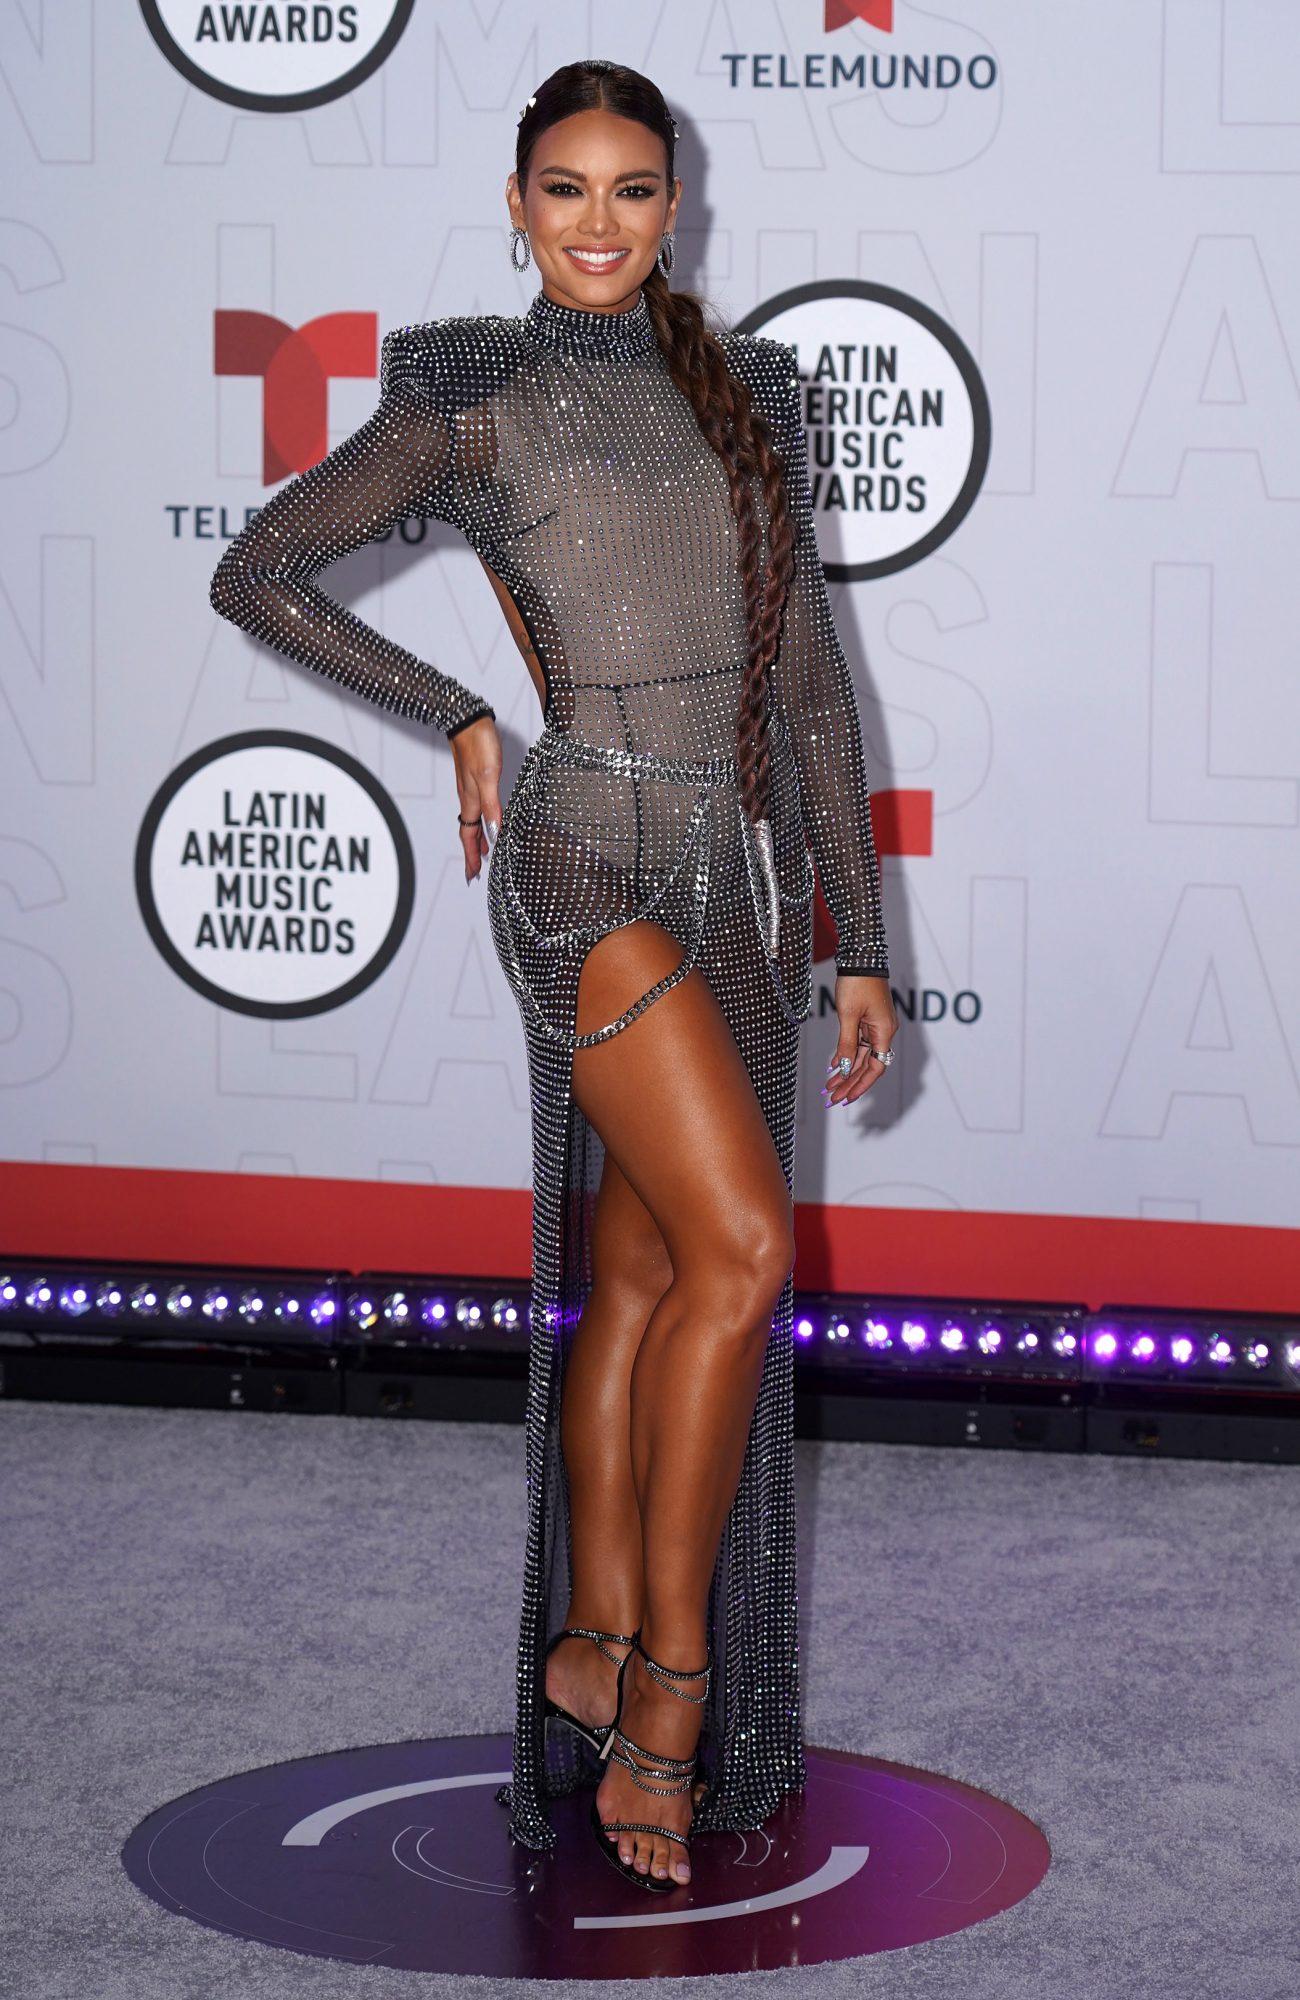 Zuleyka Rivera, Latin American Music Awards, vestido, alfombra